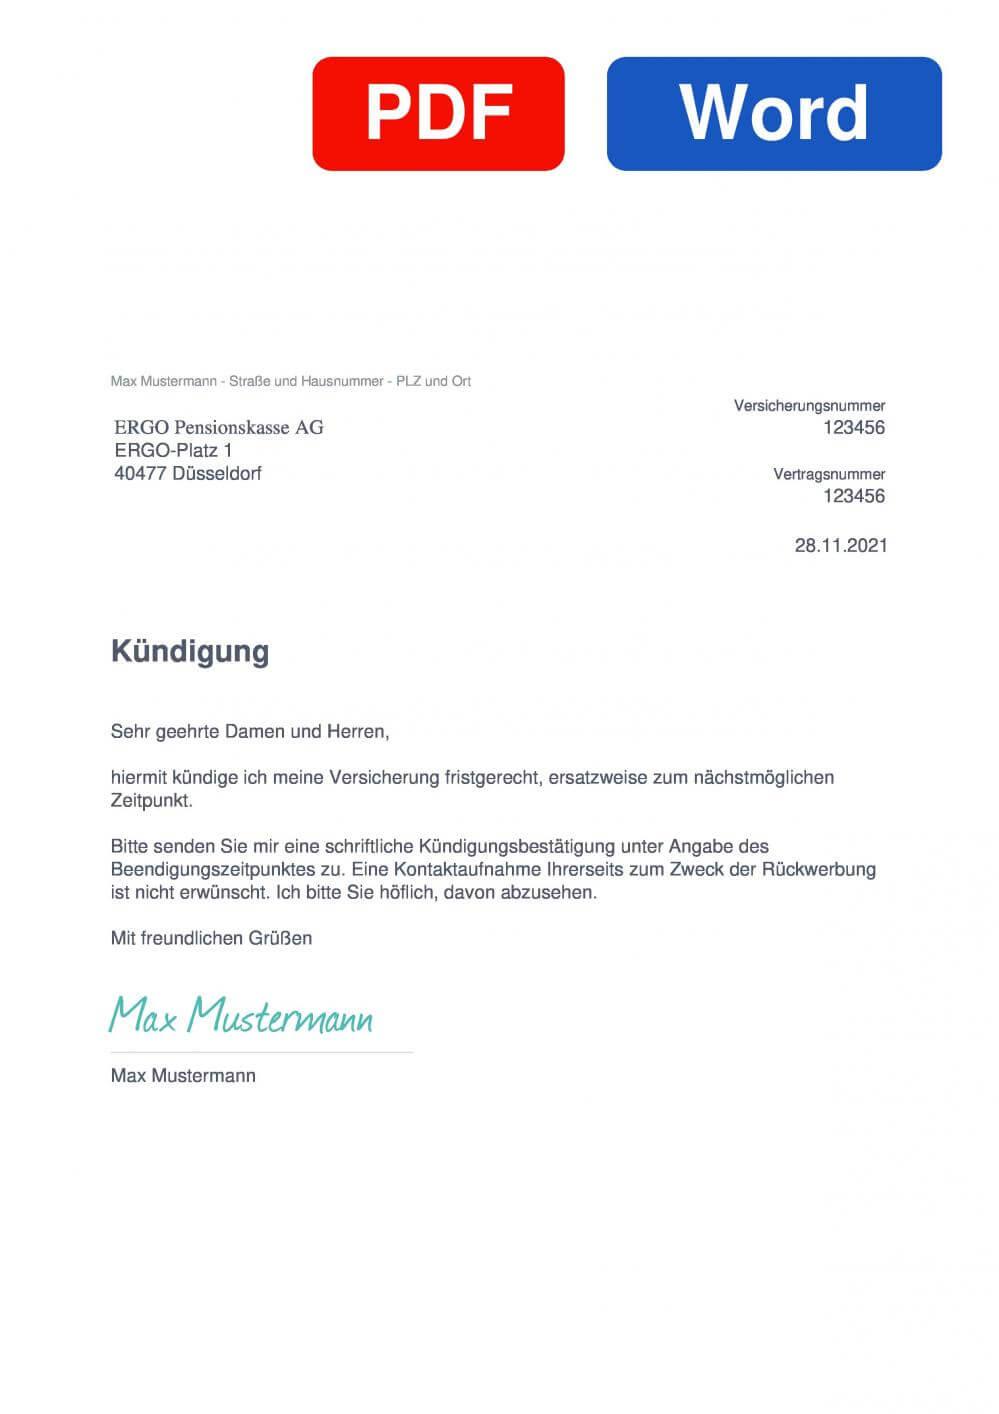 ERGO Pensionskasse Muster Vorlage für Kündigungsschreiben